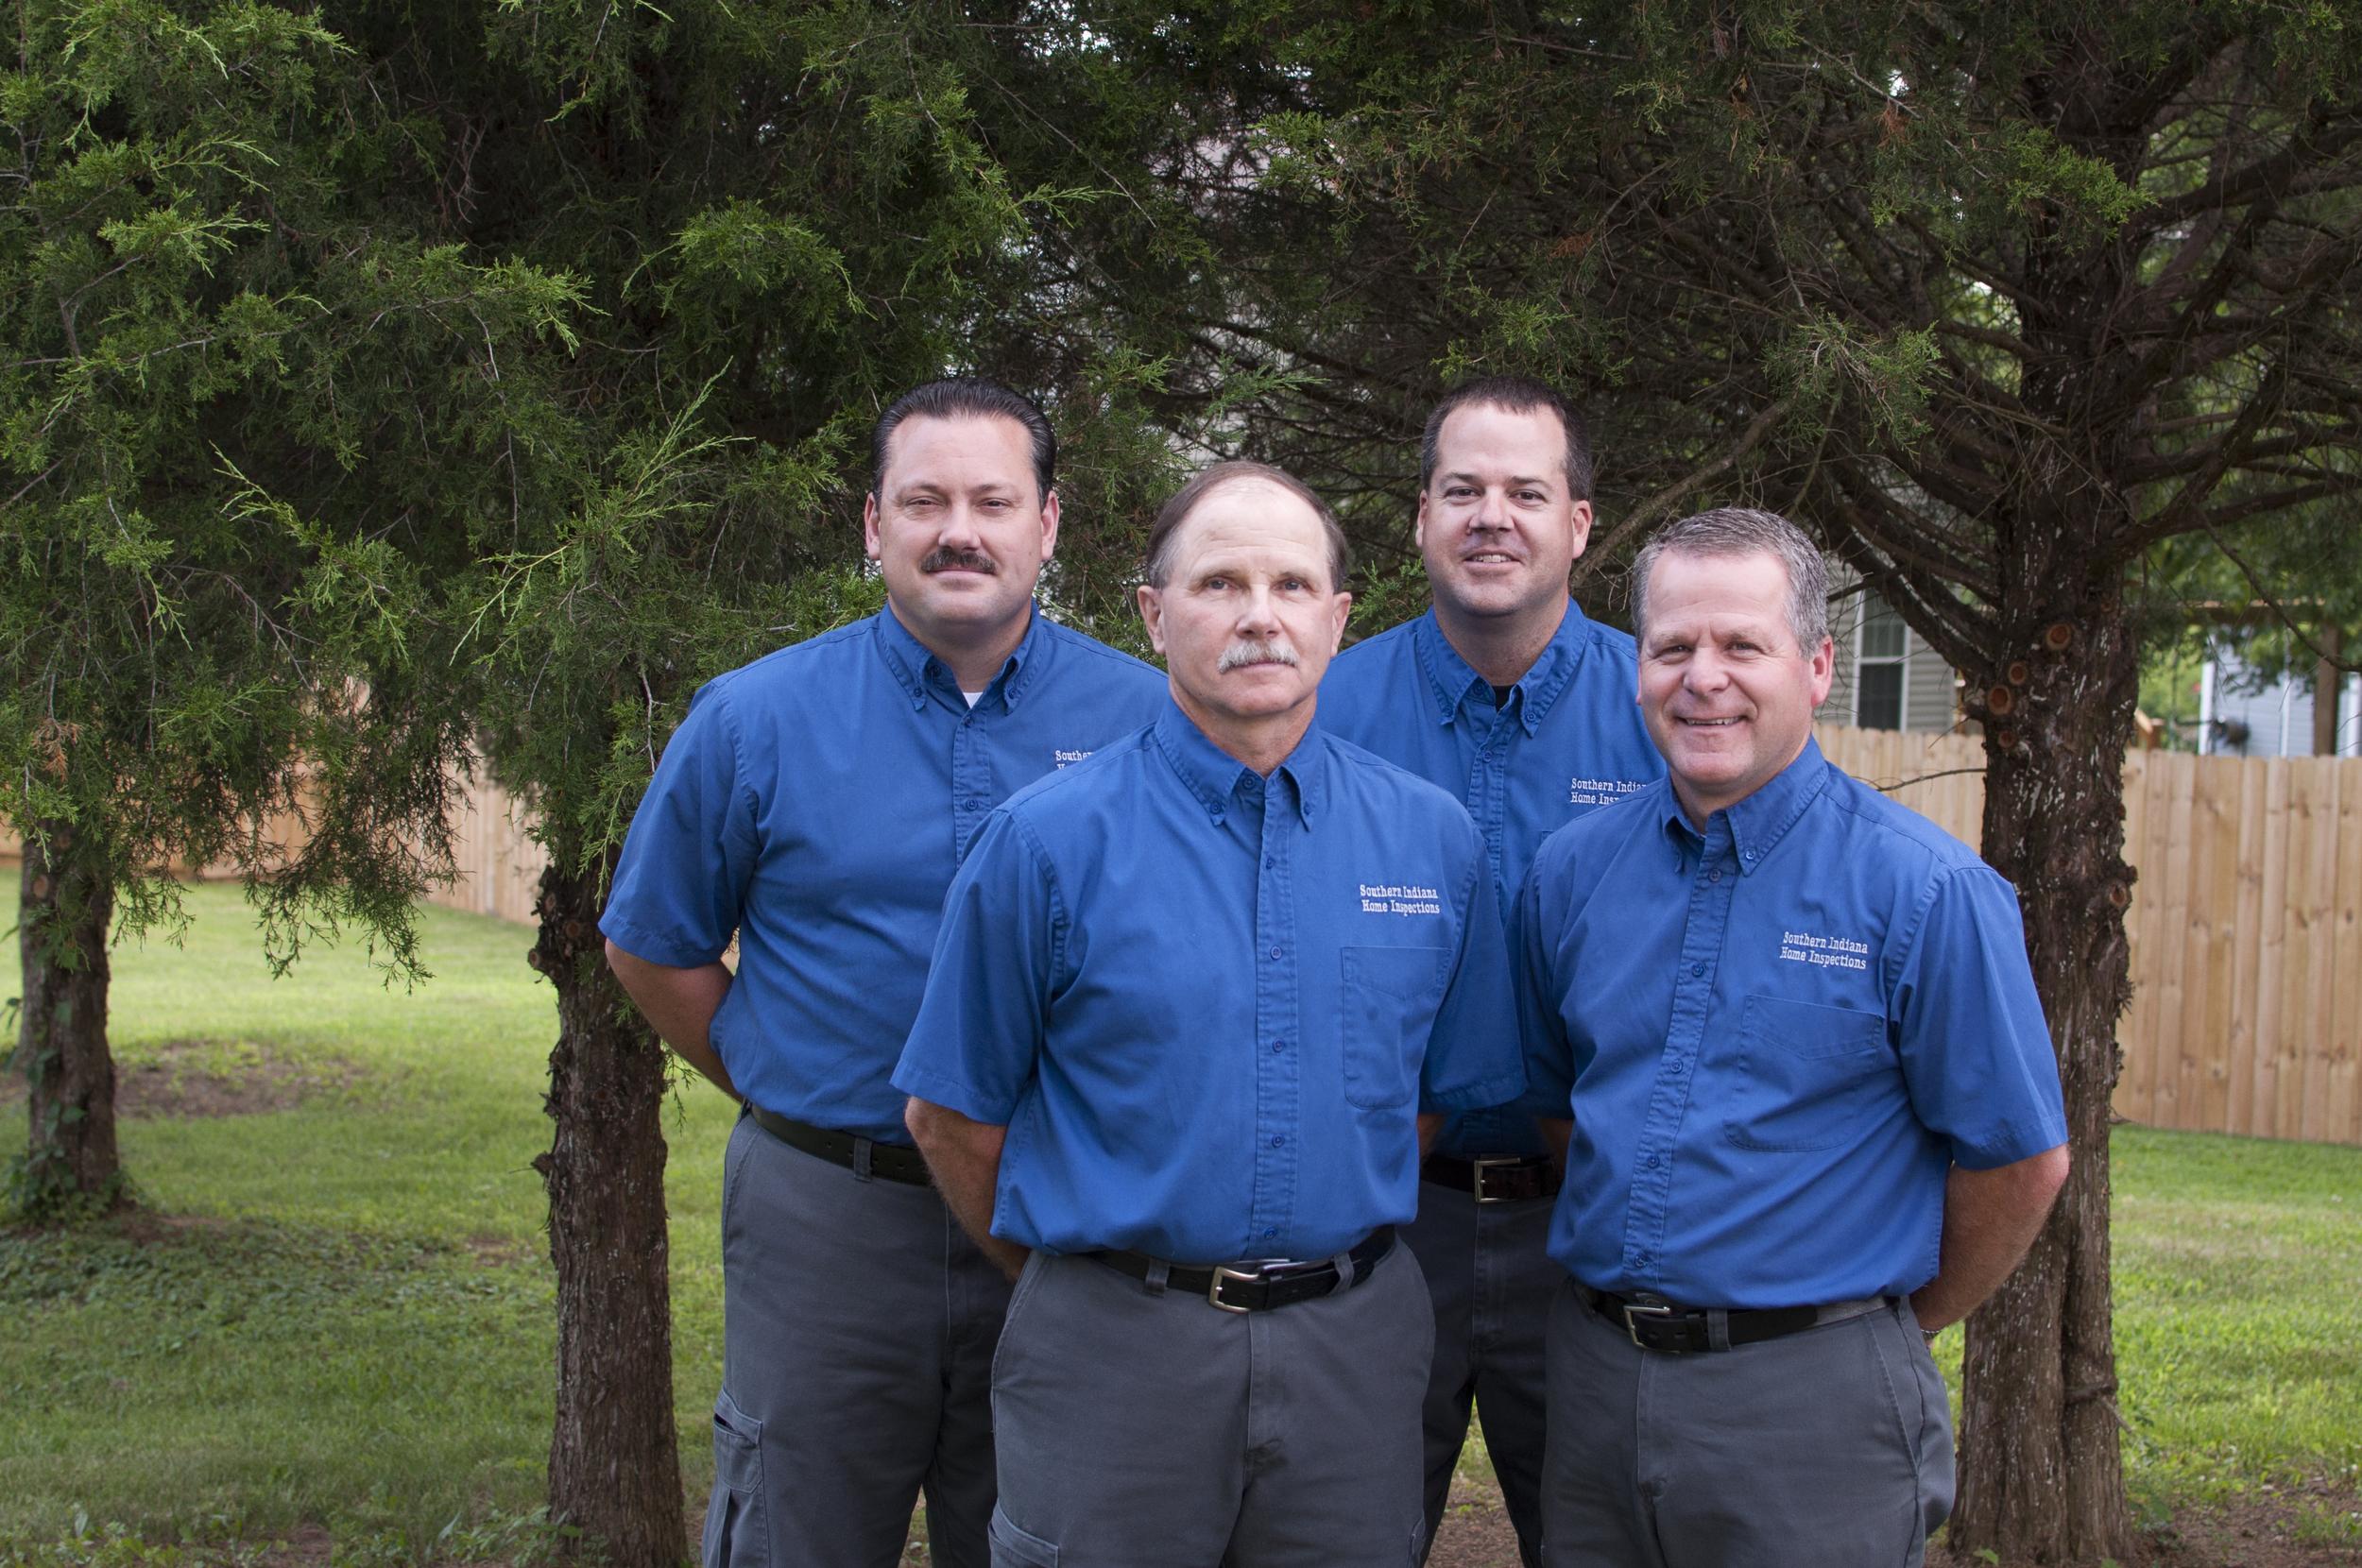 From left to right: Faron Lake, Ralph Barger, Matt Gilmore, Scott Myers.